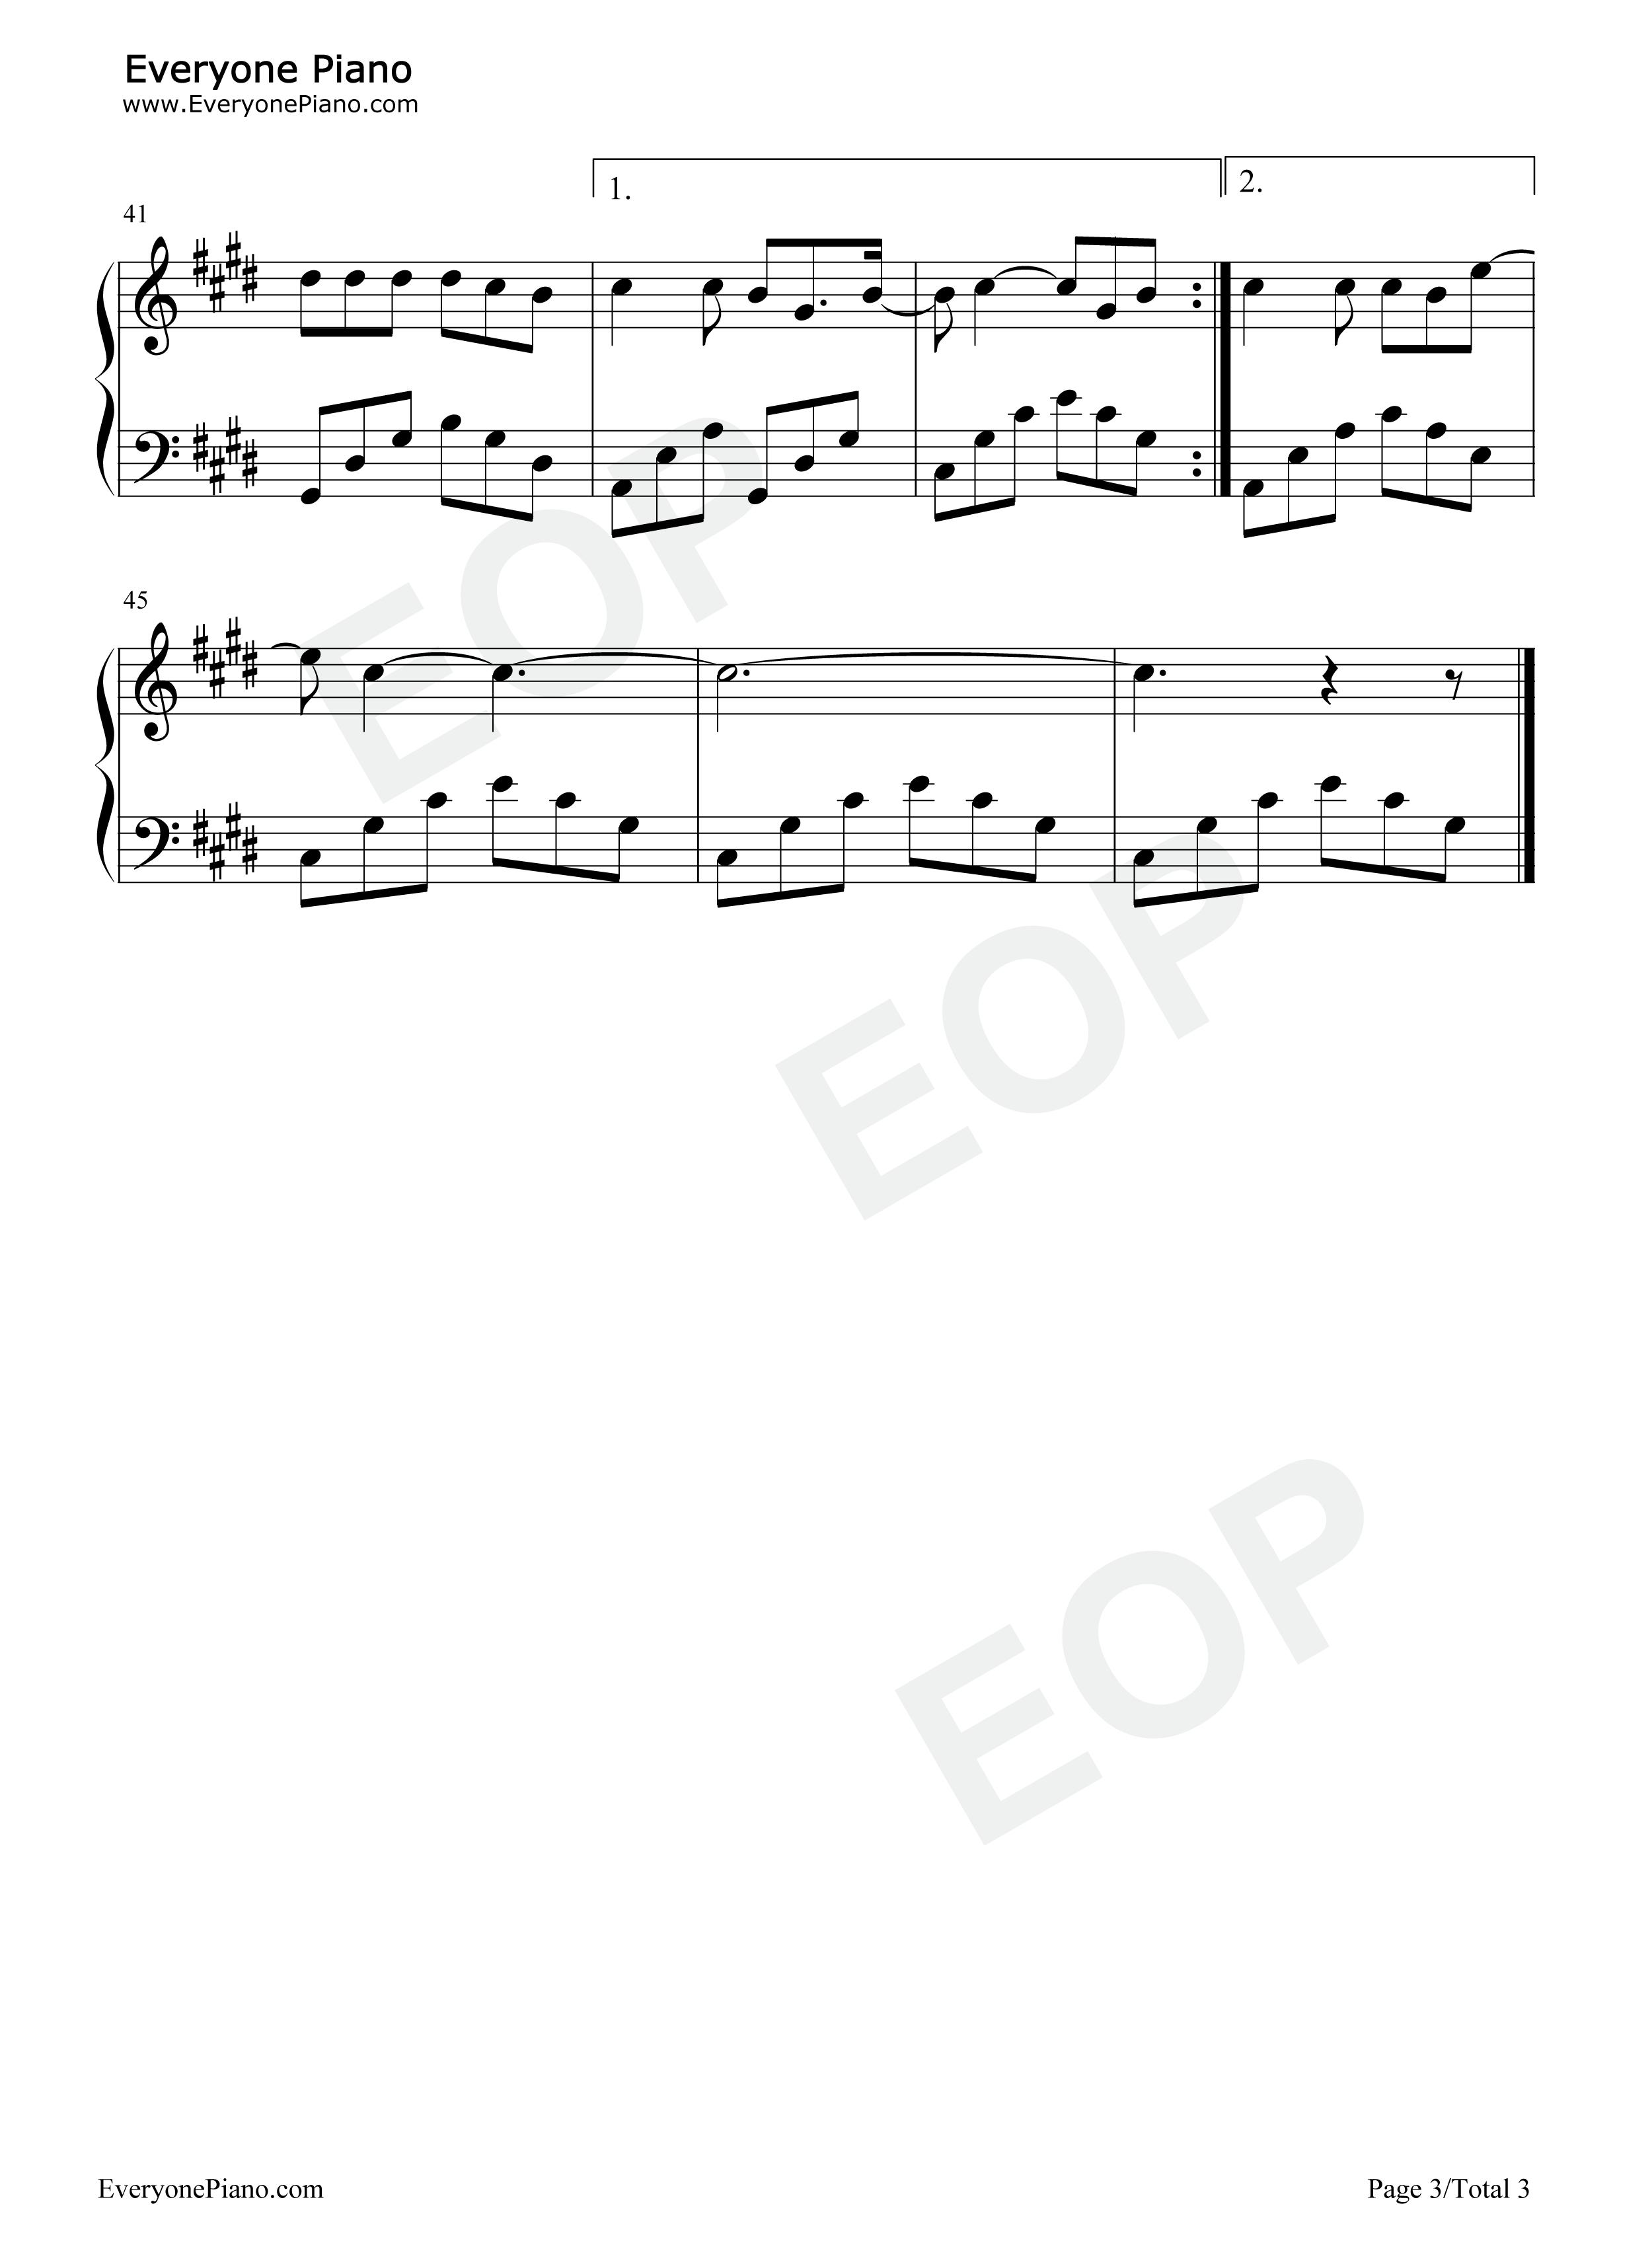 钢琴曲谱 经典 单身情歌-林志炫 单身情歌-林志炫五线谱预览3